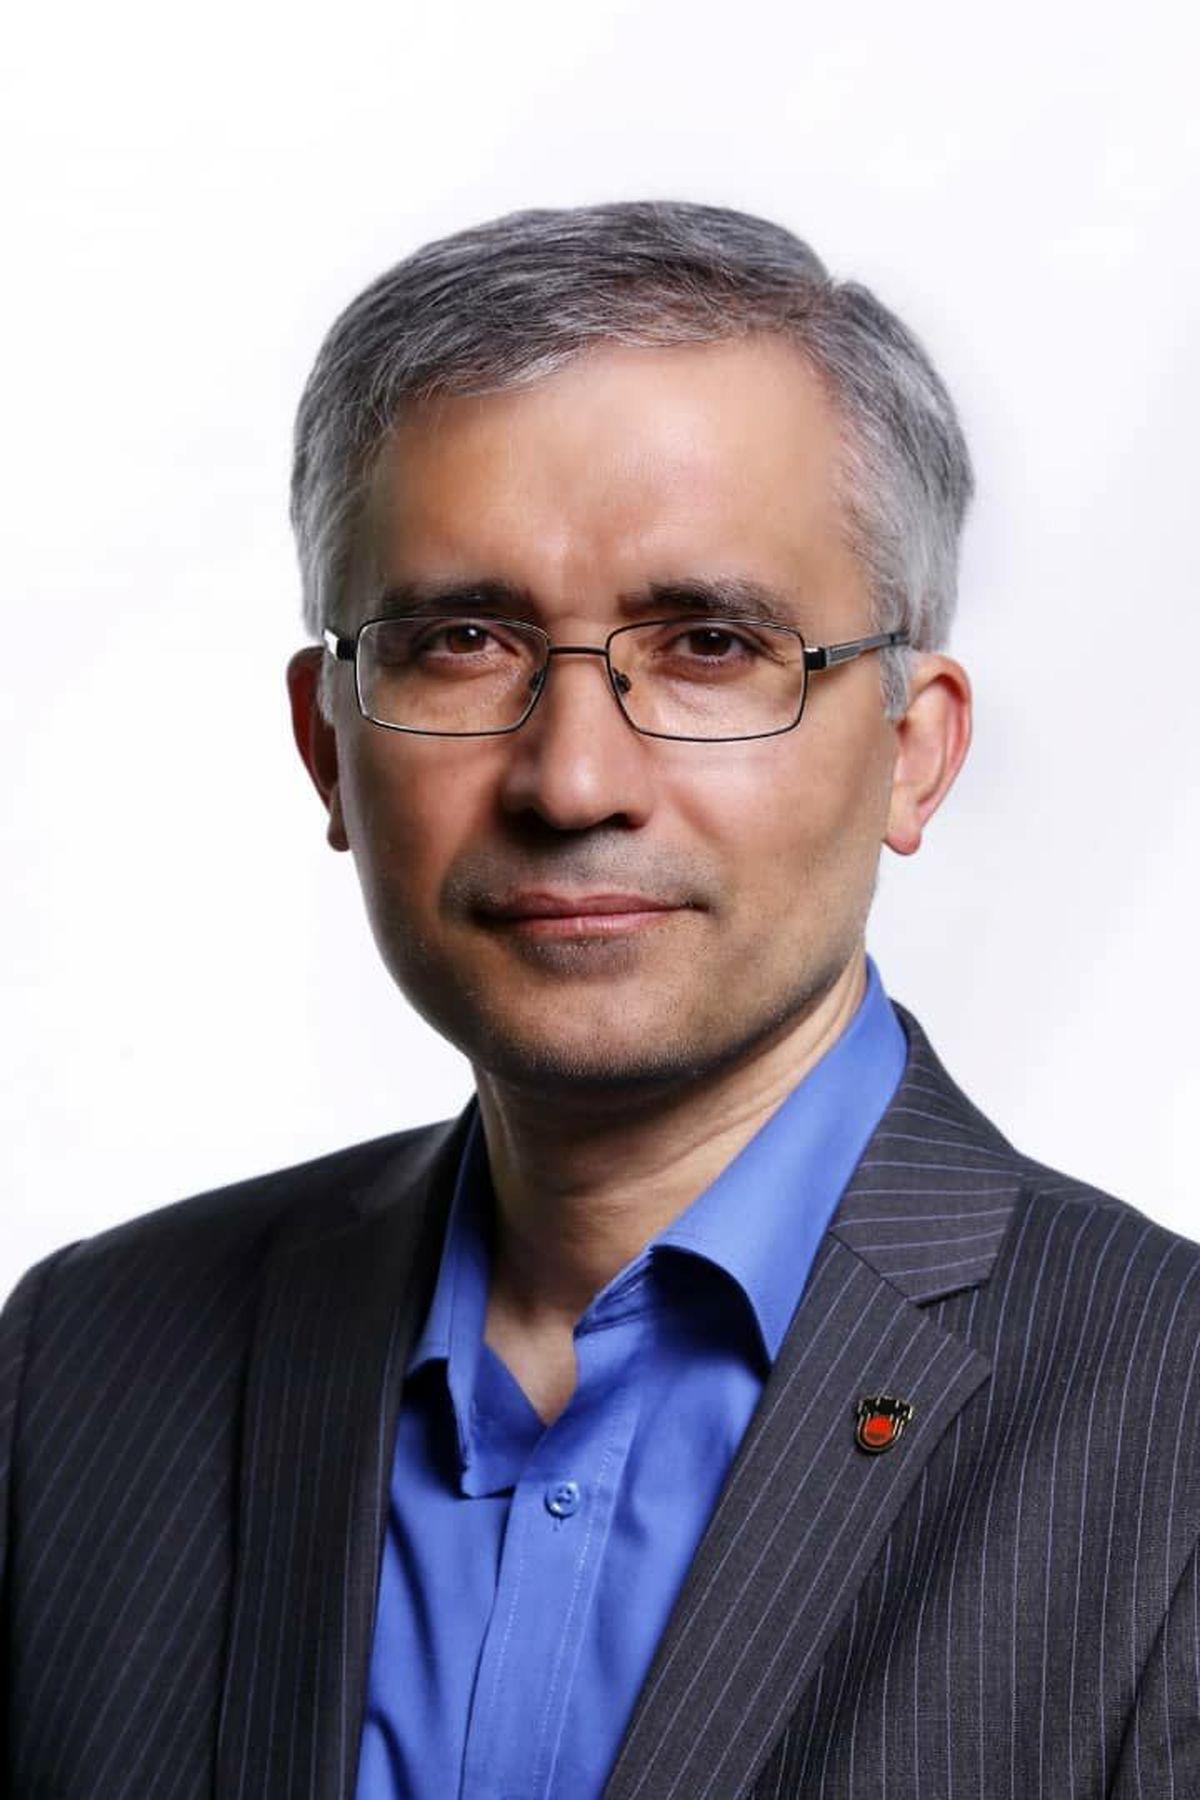 یادداشت مدیرعامل ذوبآهن اصفهان به مناسبت روز خبرنگار